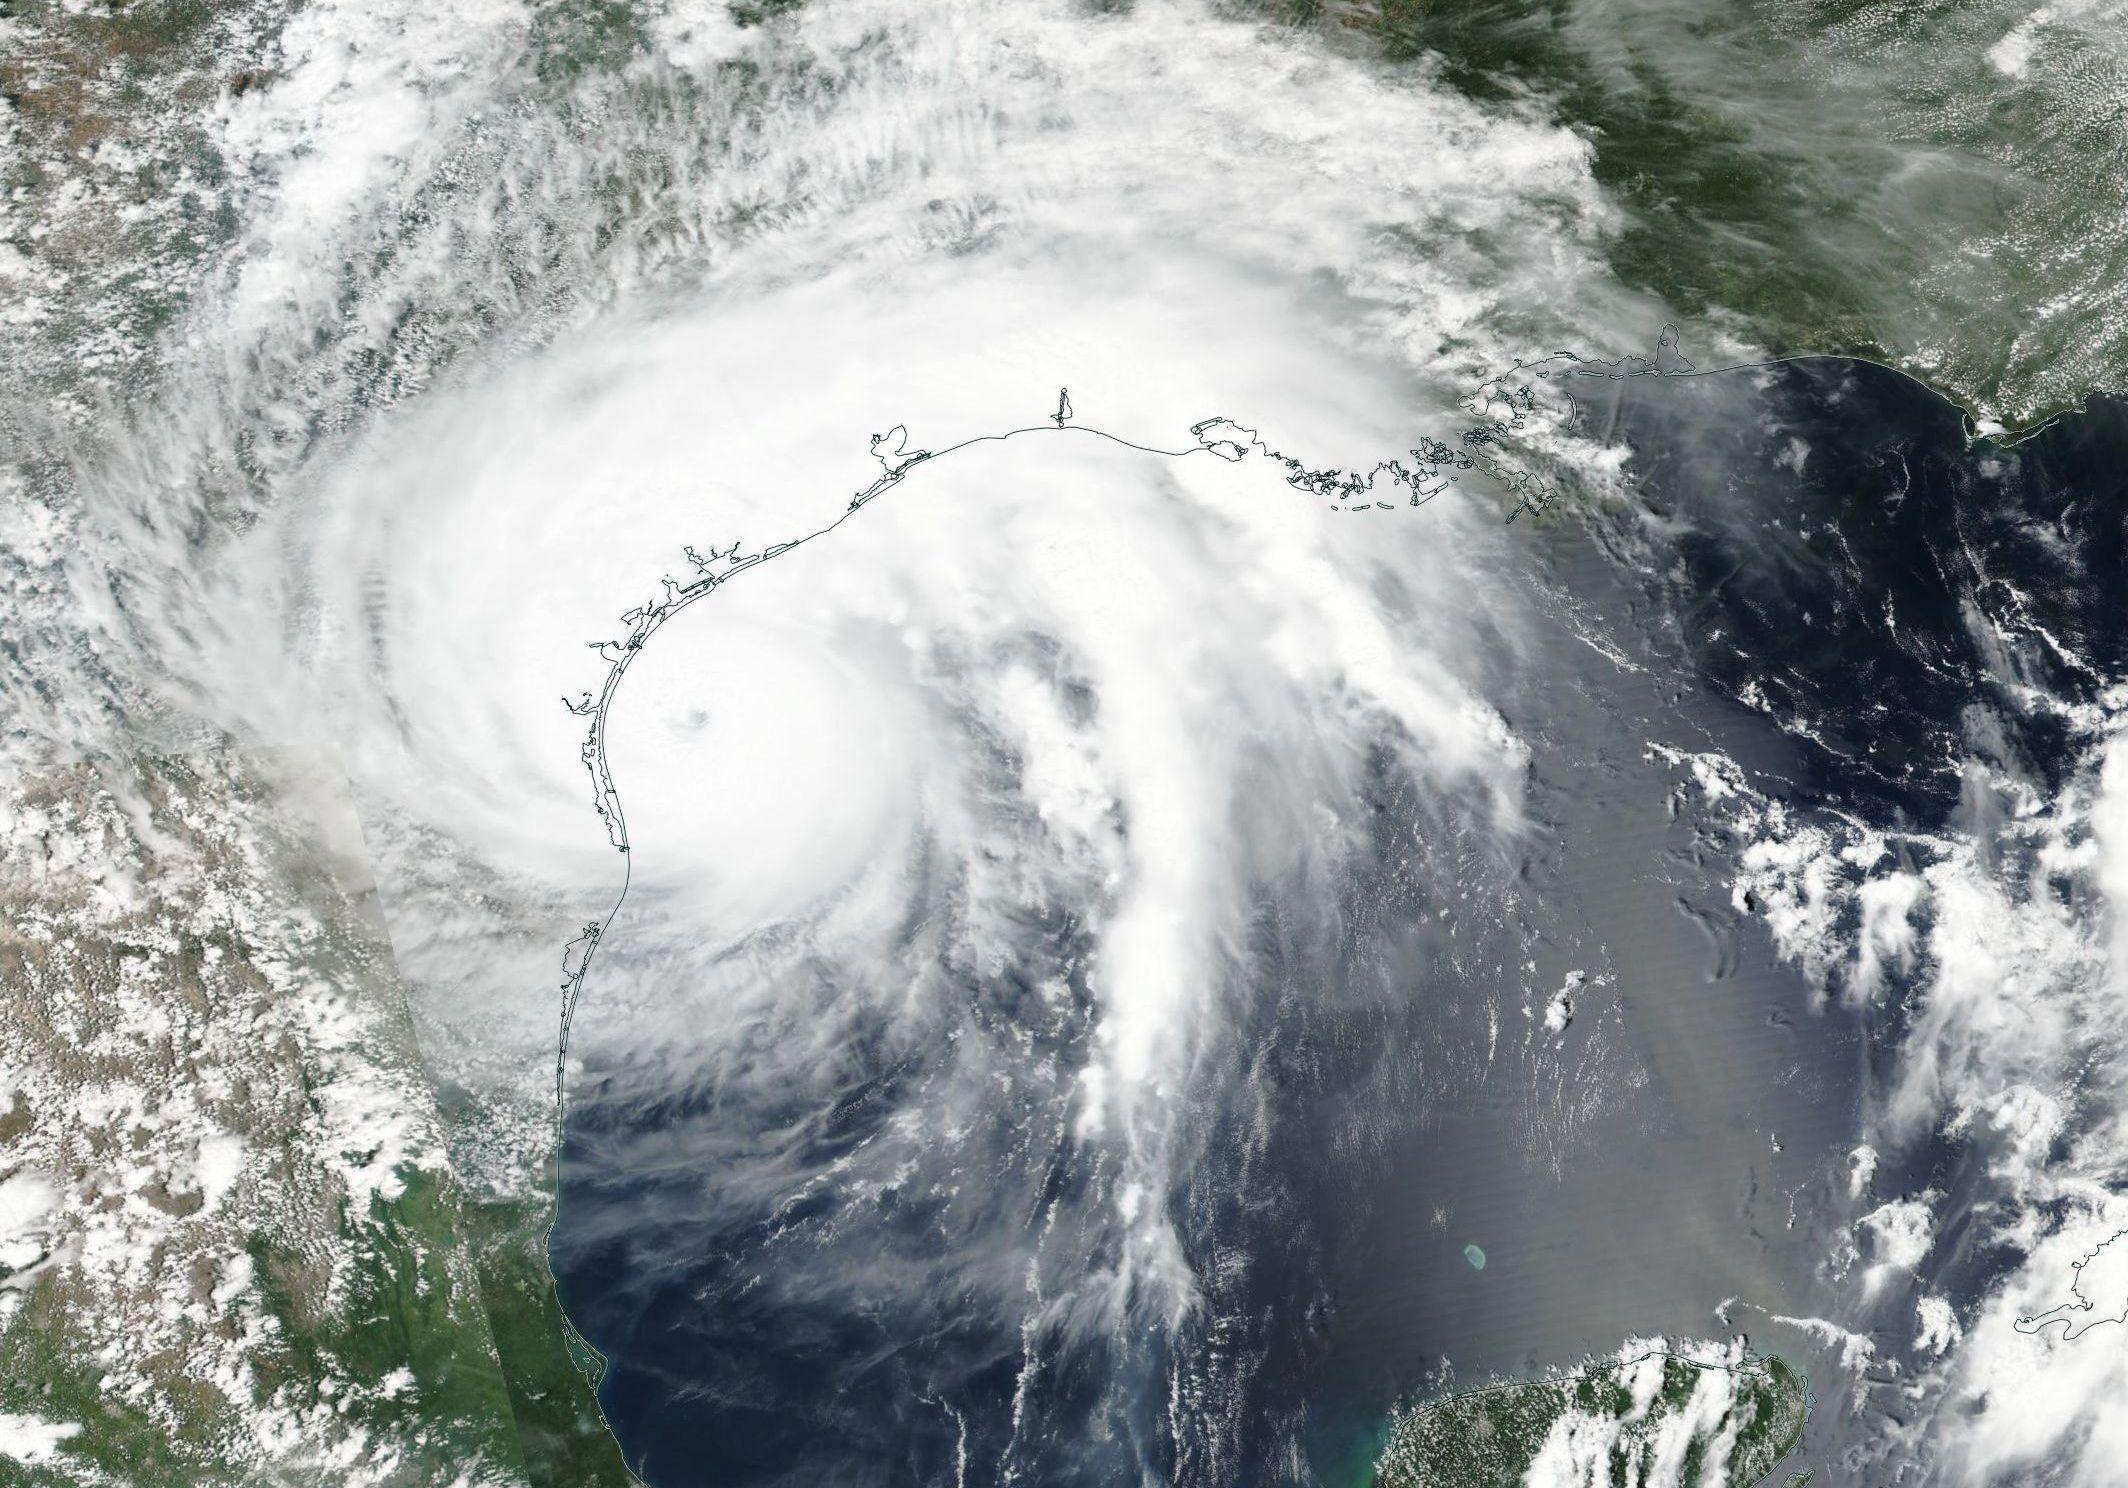 Klimatske promjene donose jače uragane ali ne i češće